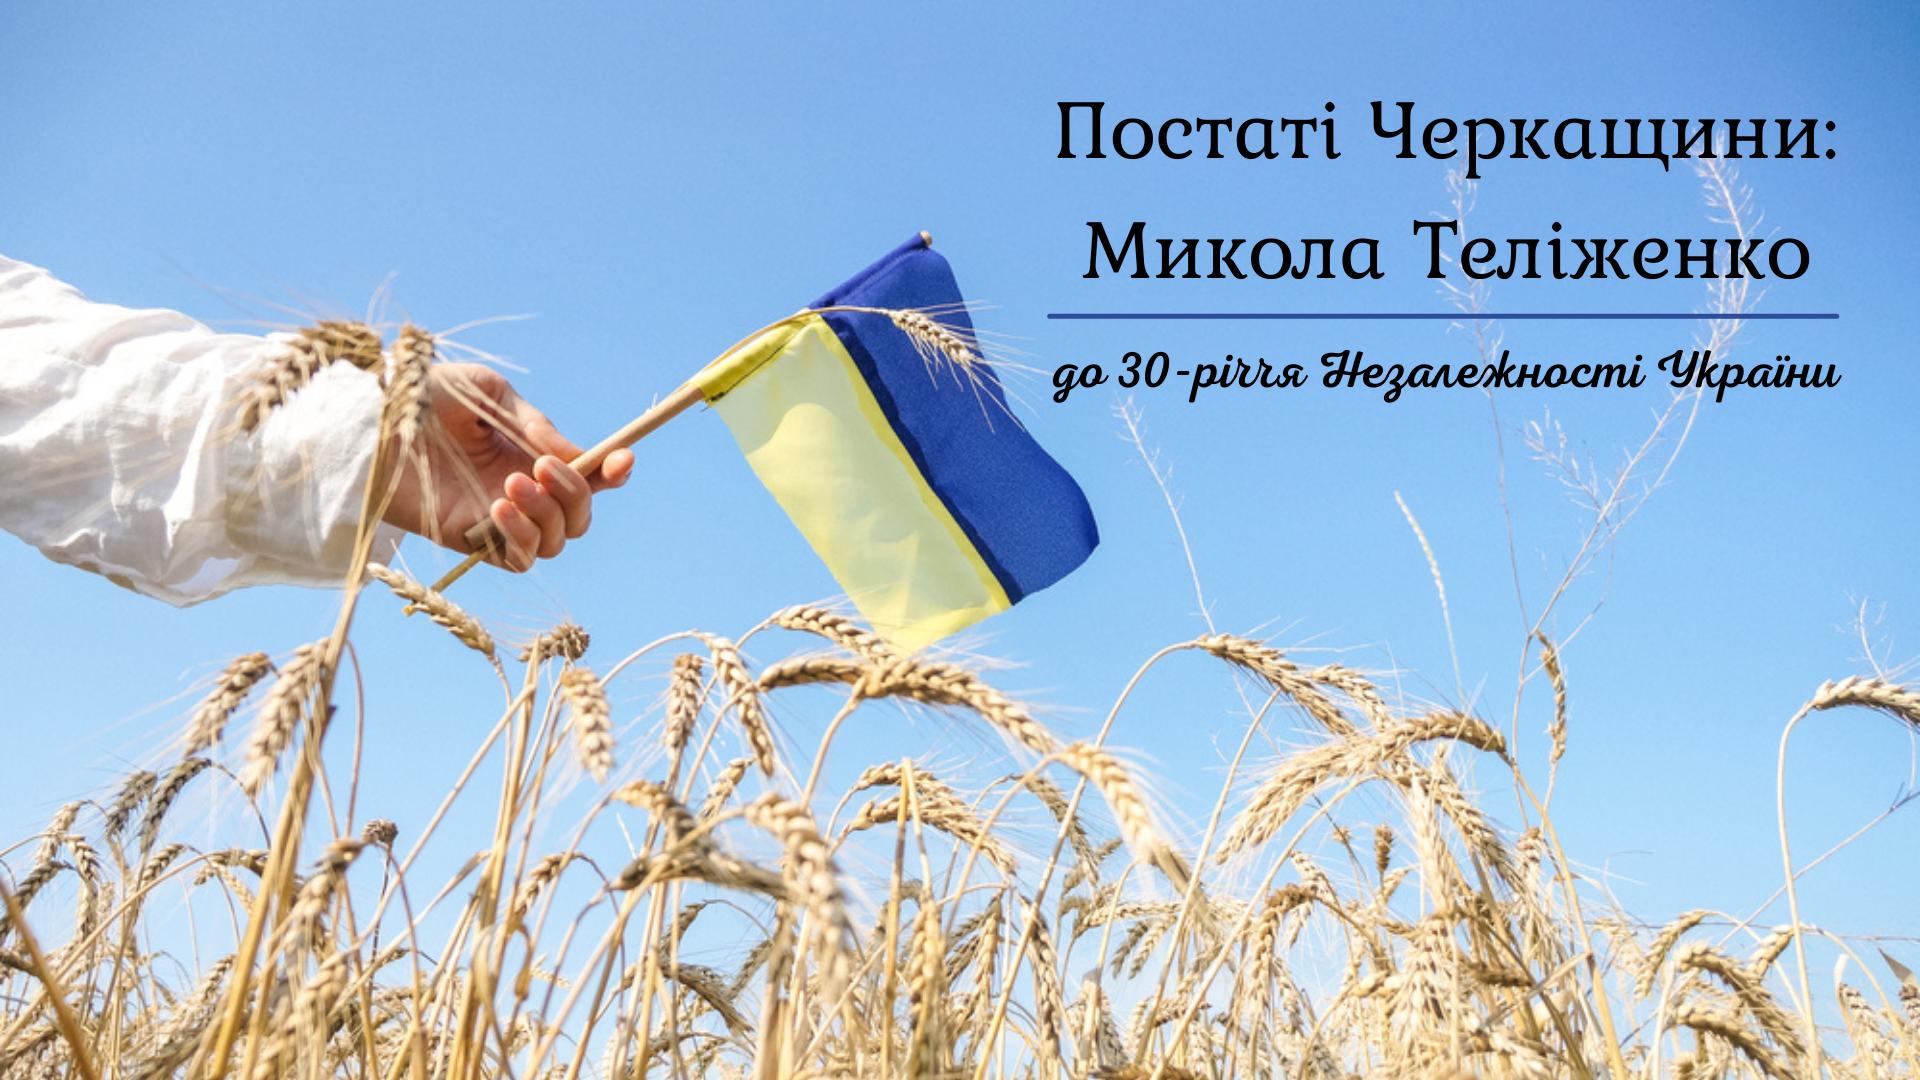 Постаті Черкащини: Микола Теліженко. До 30-річчя Незалежності України